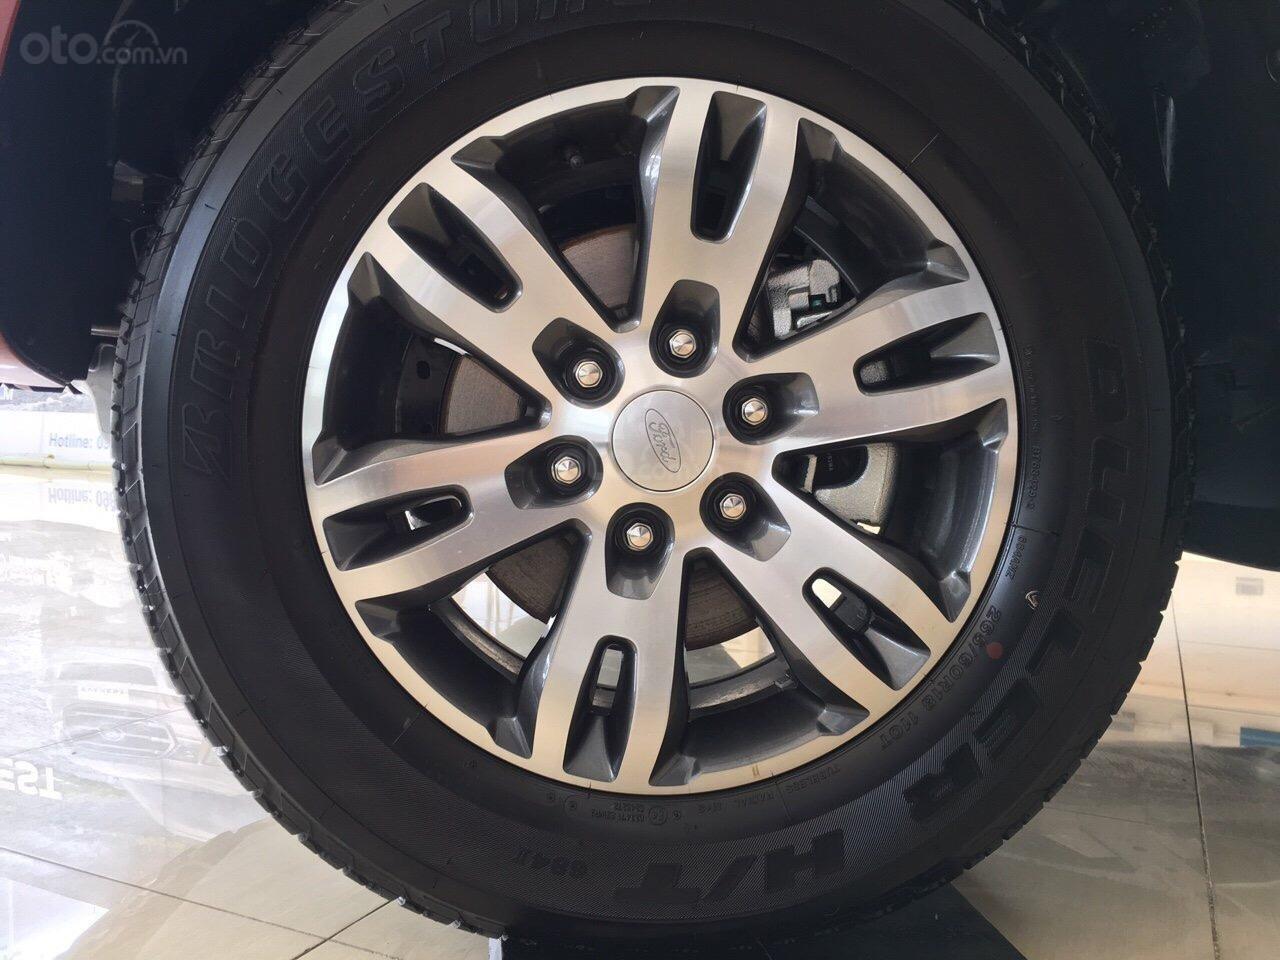 Ford Everest 2.0 nhập nguyên chiếc, đủ các bản giao xe ngay tháng 1 năm 2019, giá chỉ từ 999tr. LH 0974286009-5